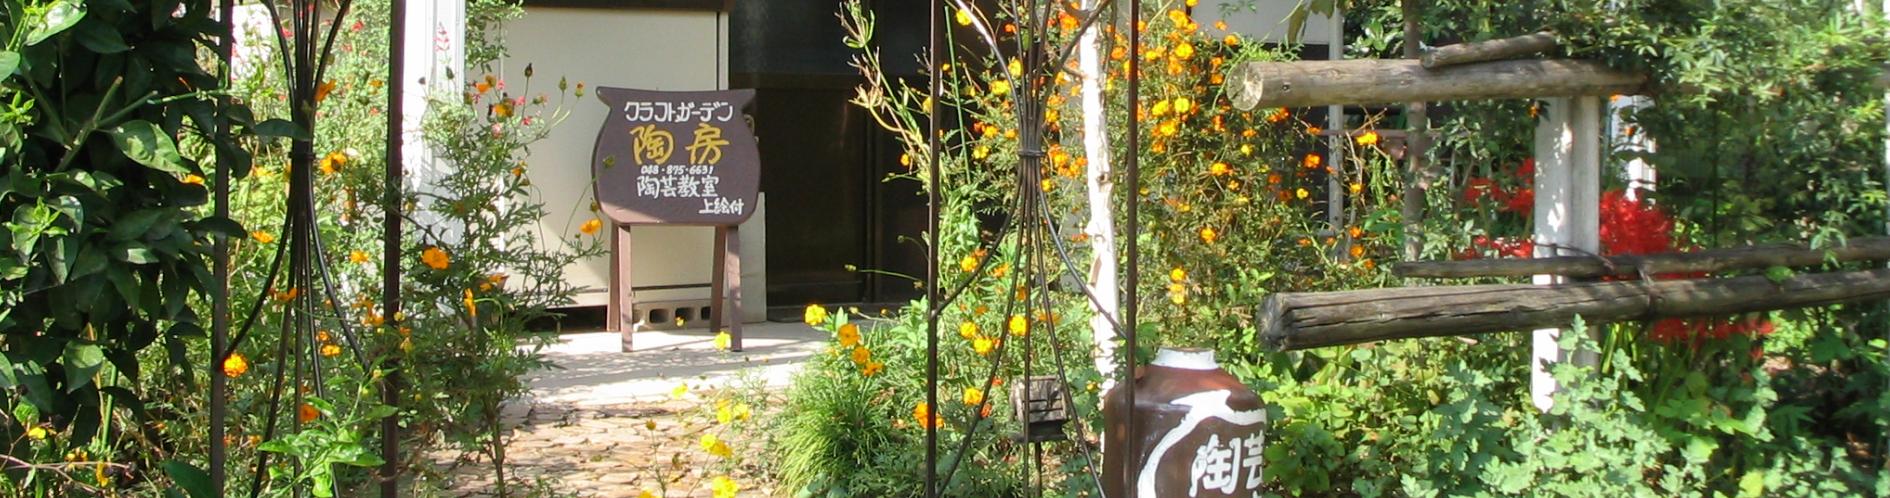 クラフトガーデンさぎやま陶房は自然豊かな環境の中にあります